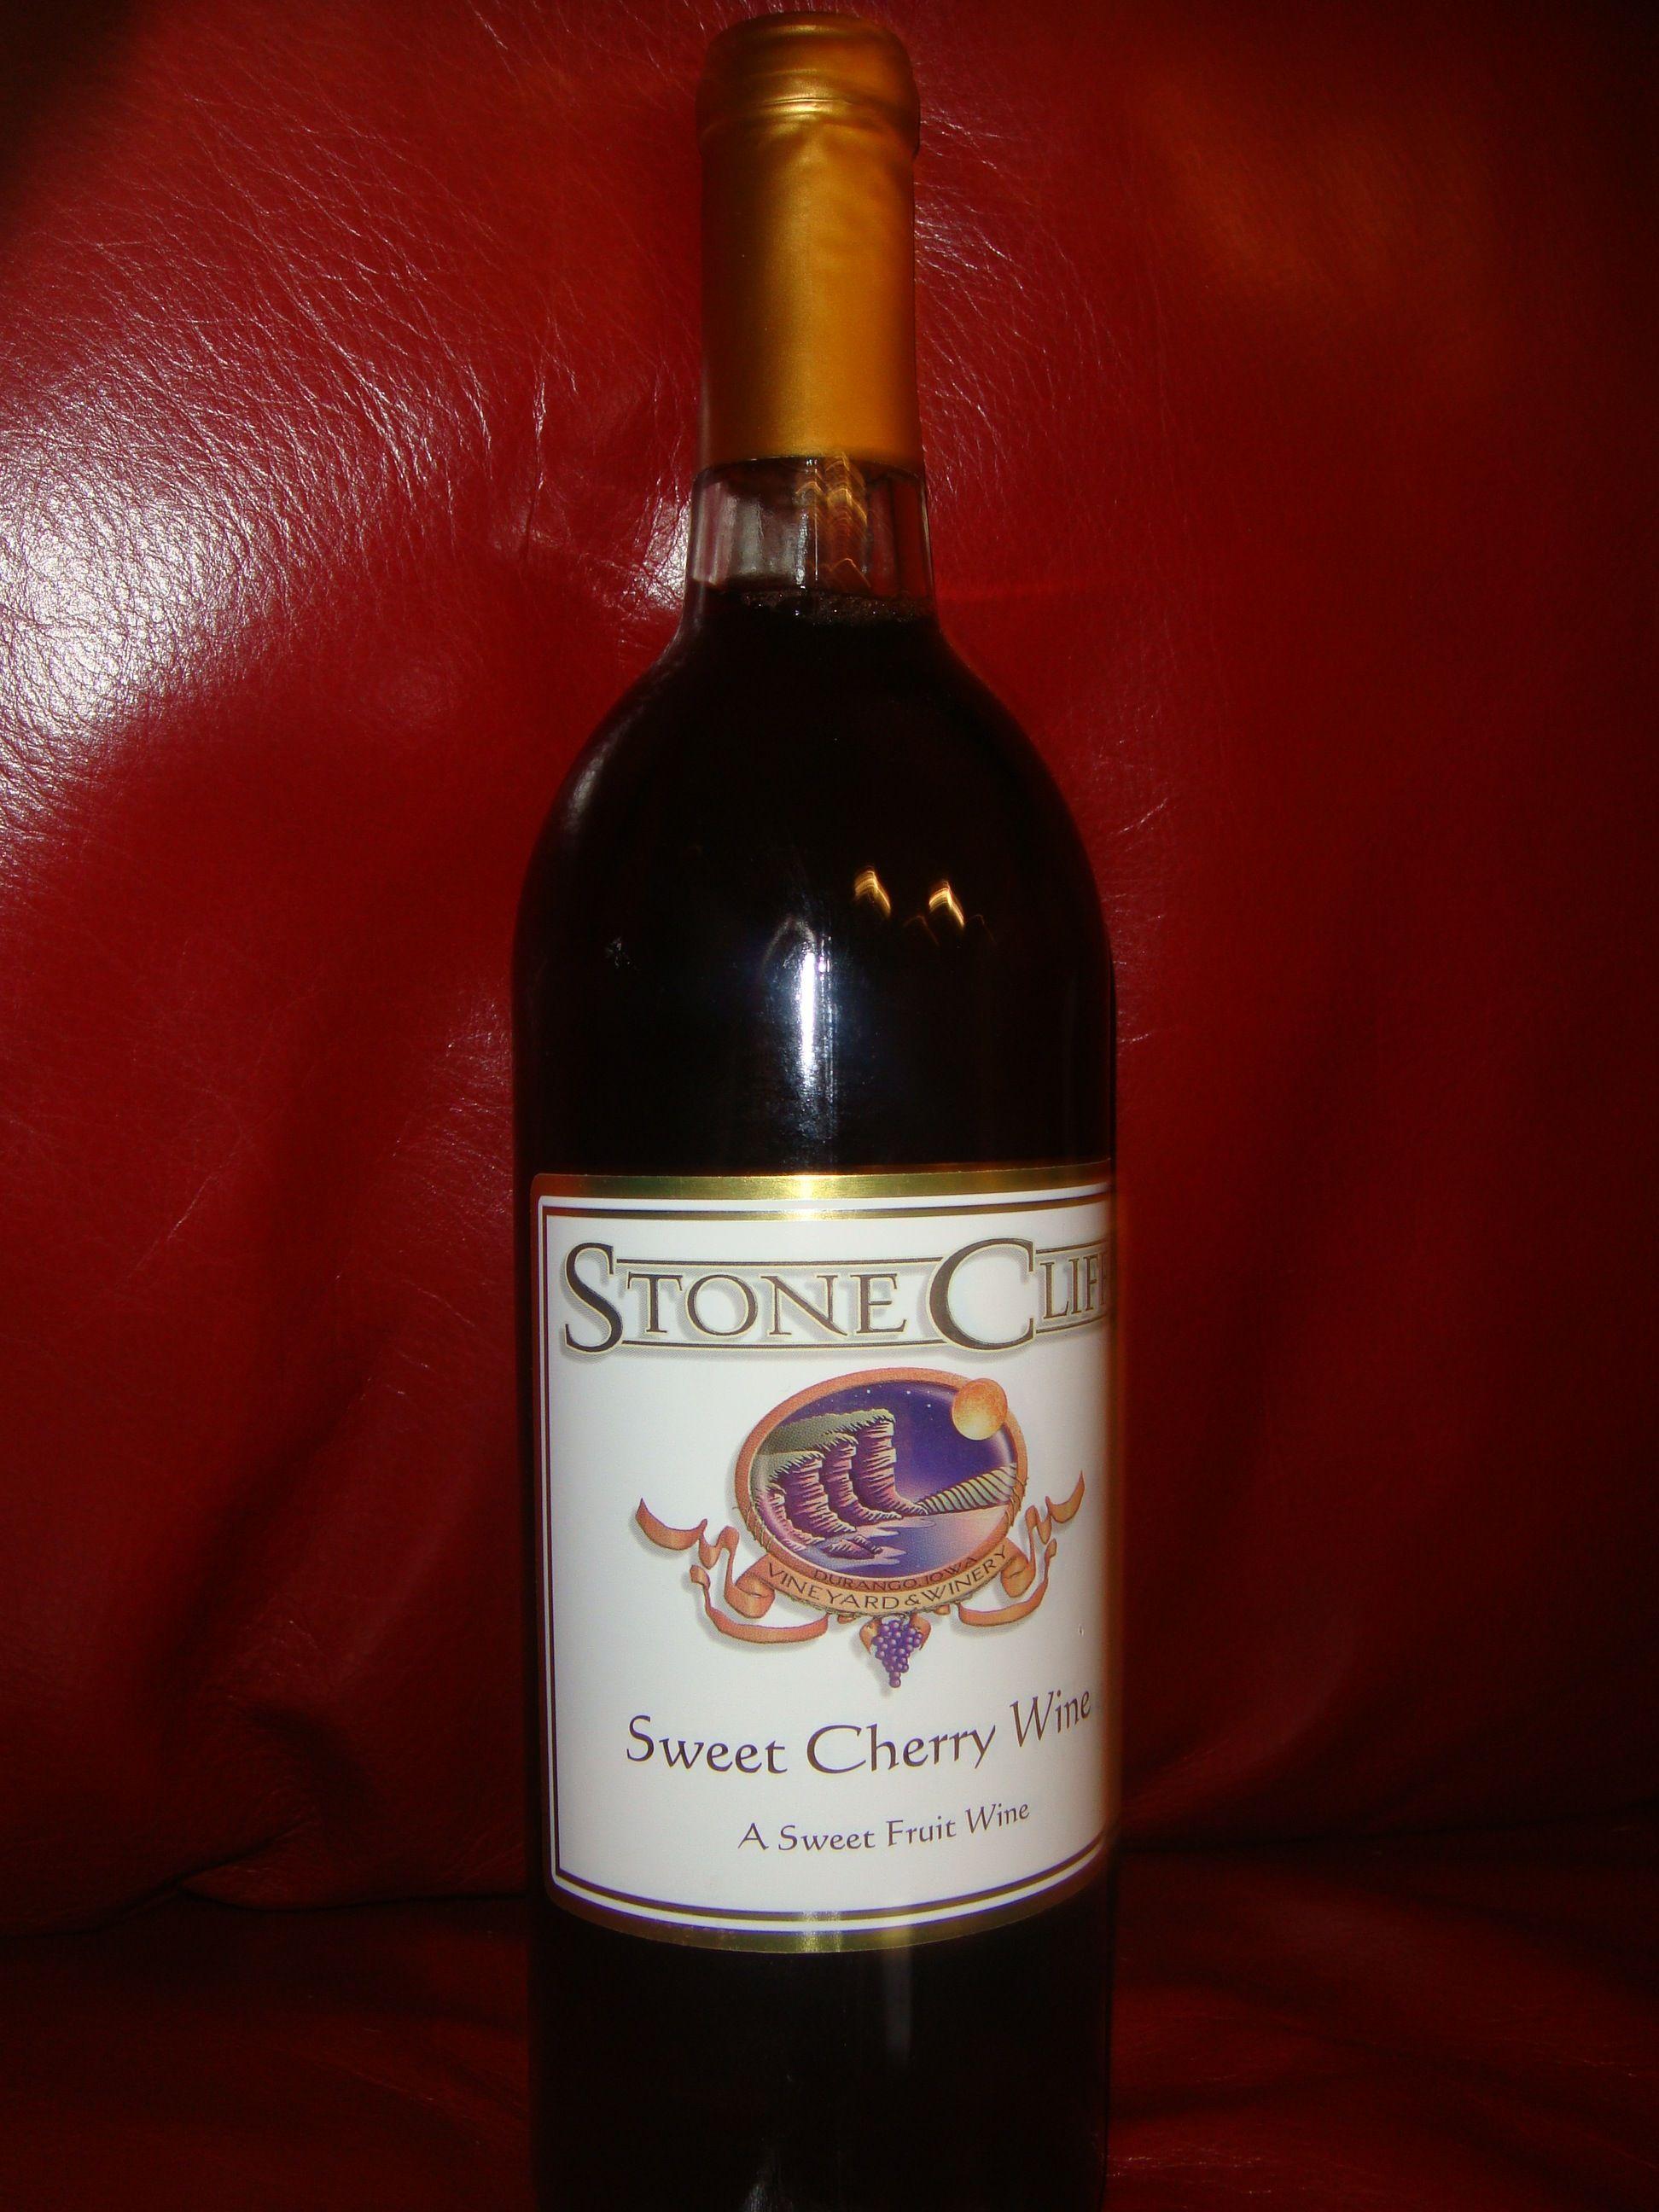 Sweet Cherry Wine By Stone Cliff Winery Cherry Wine Fruit Wine Sweet Cherries